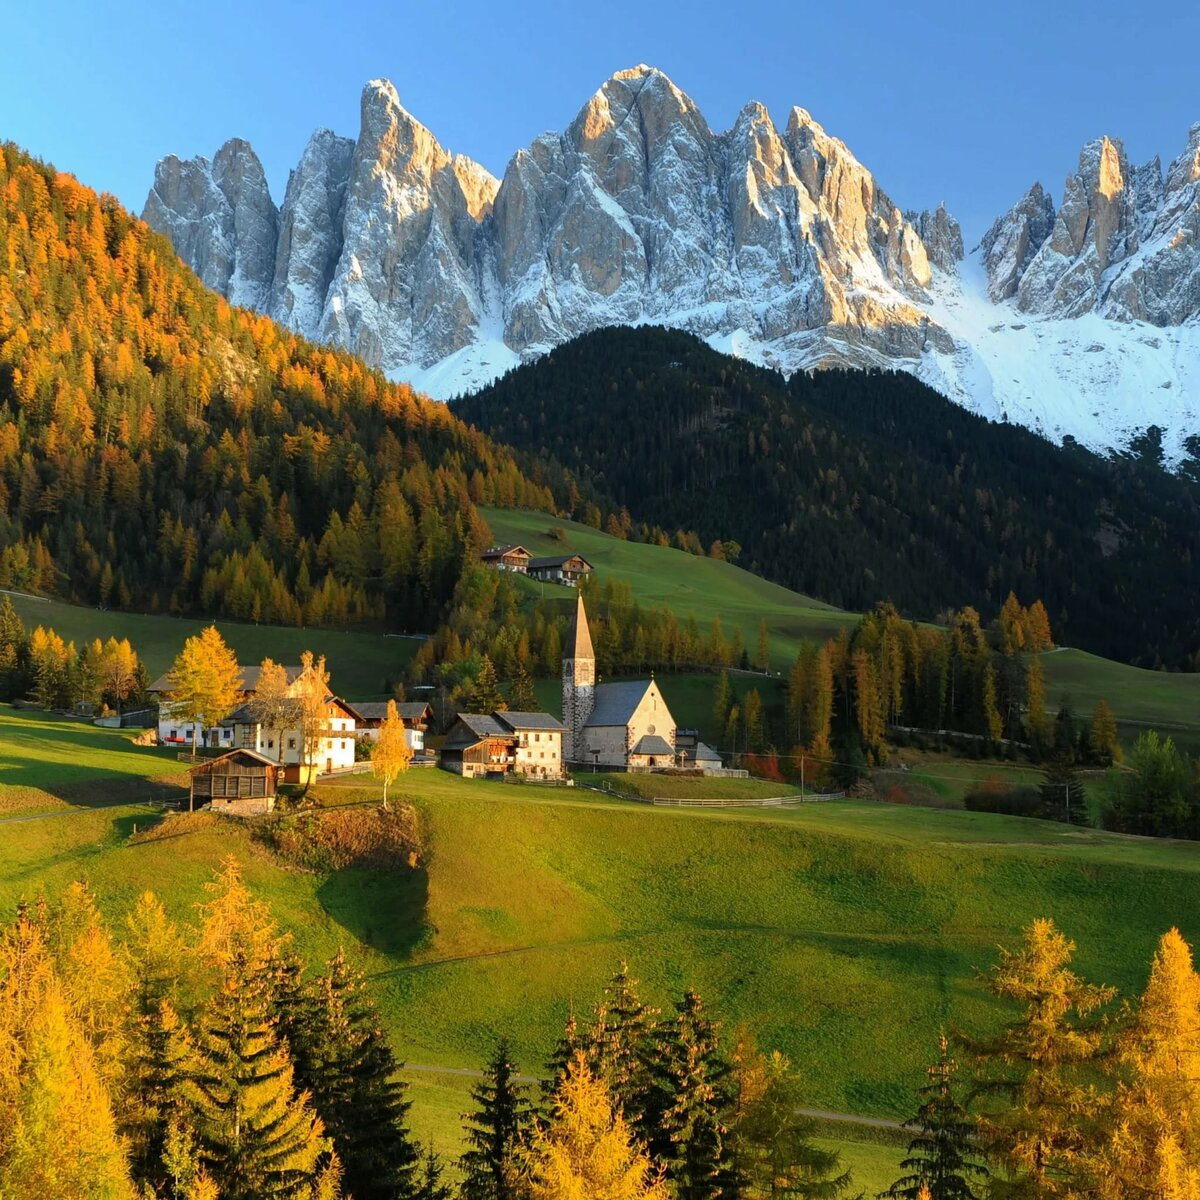 швейцарские горы картинки каталог нашего ресурса